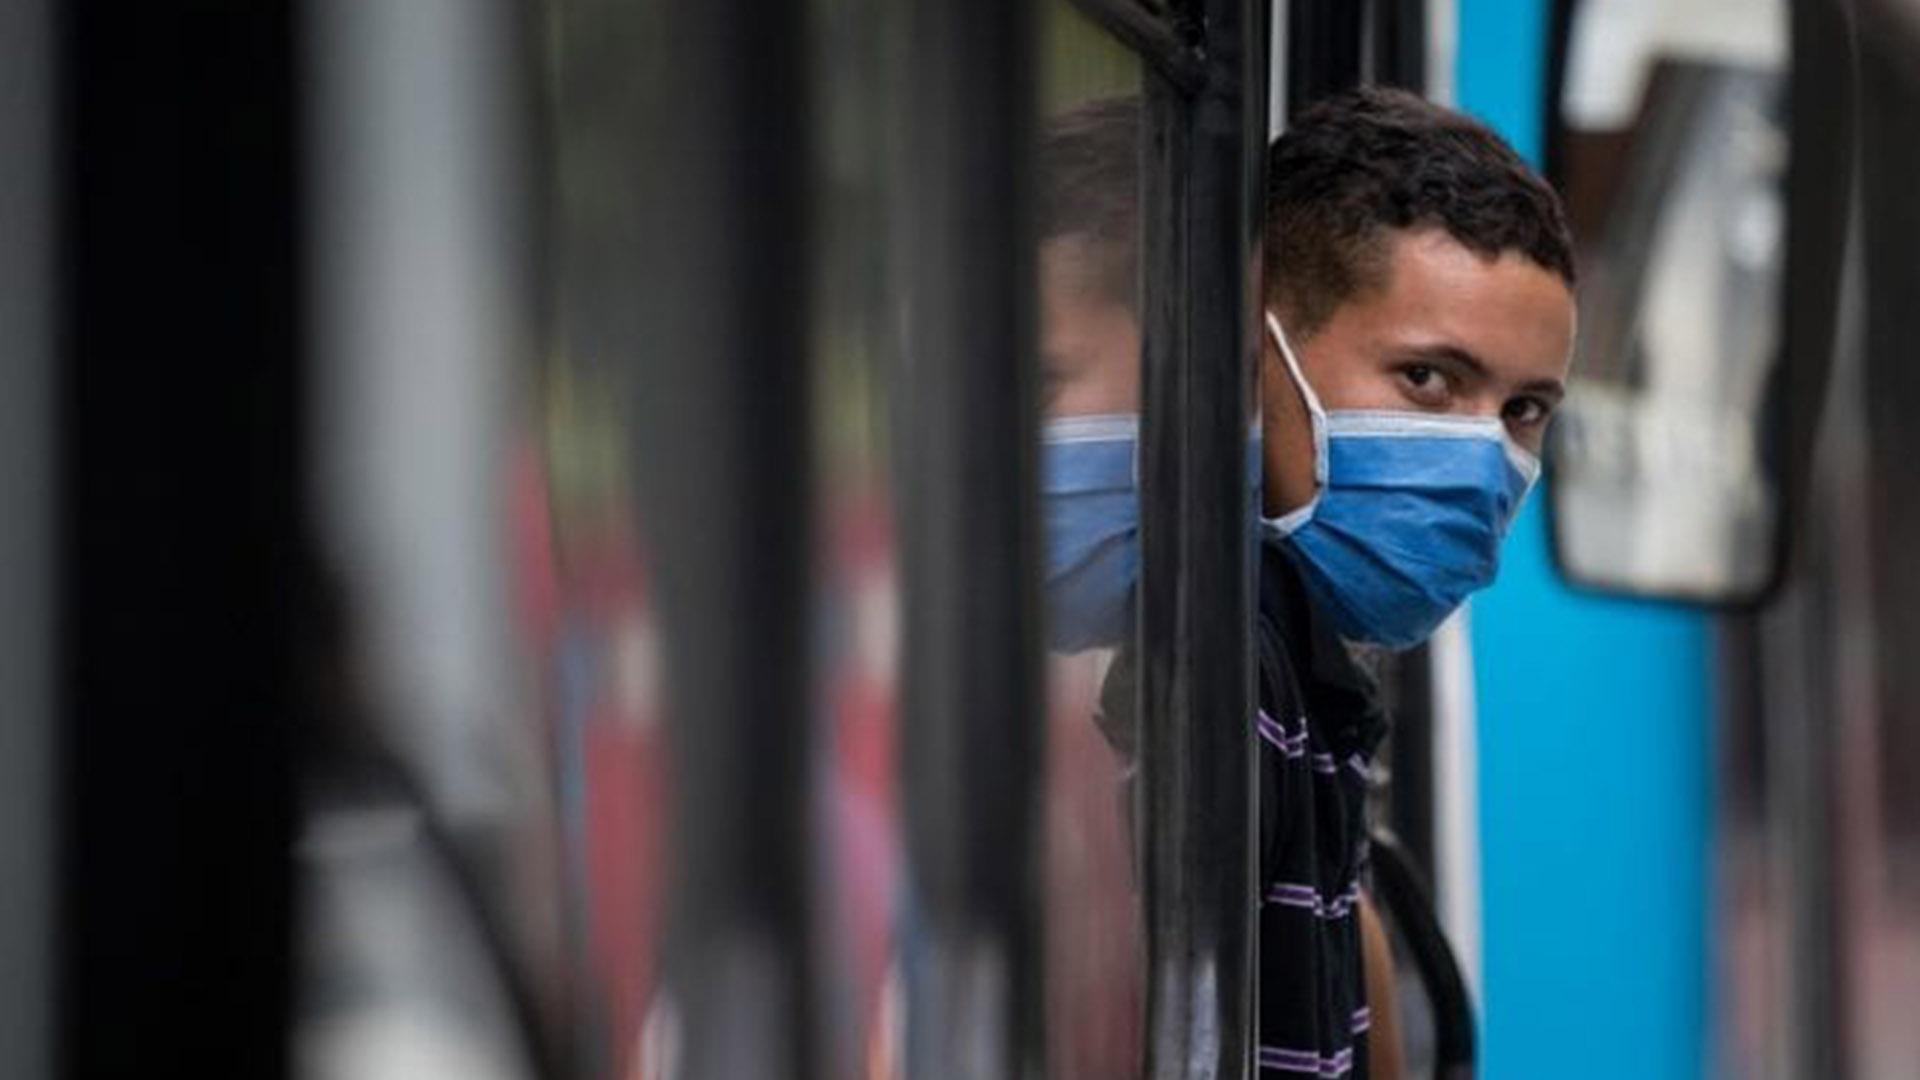 Cuarentena por COVID-19: la lucha entre contagiarse o sobrevivir a la crisis